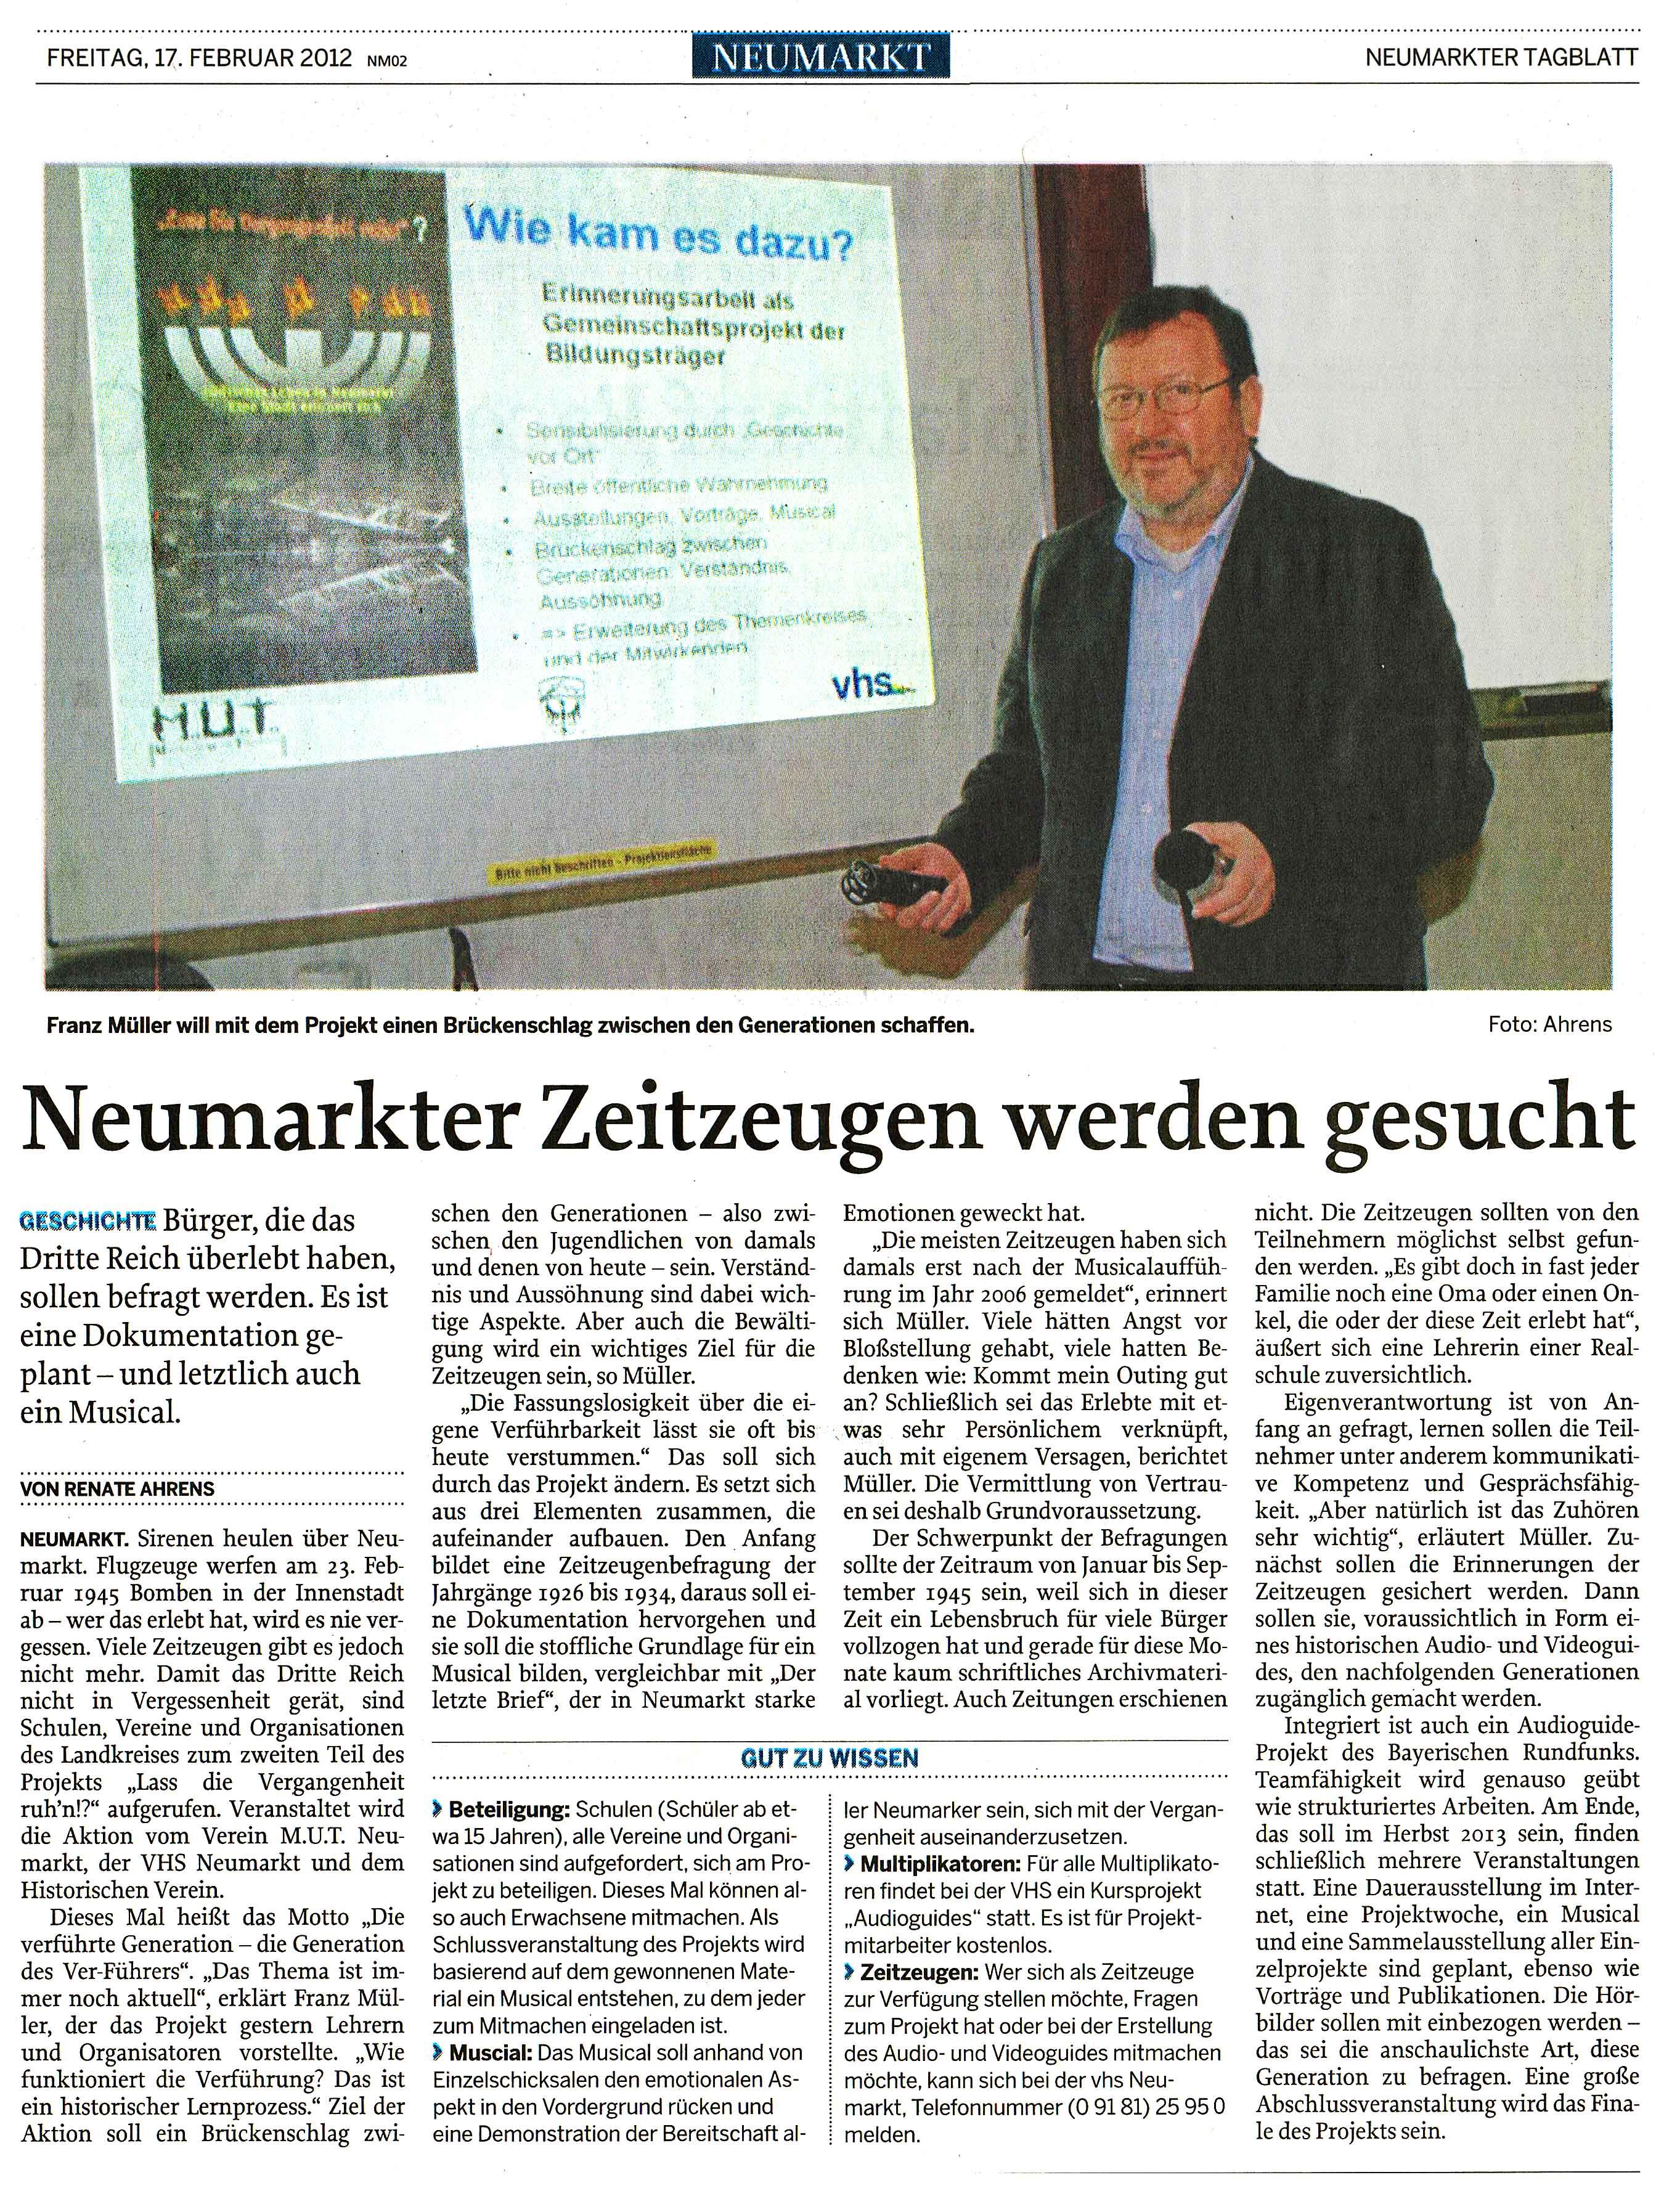 Neumarktertagblatt